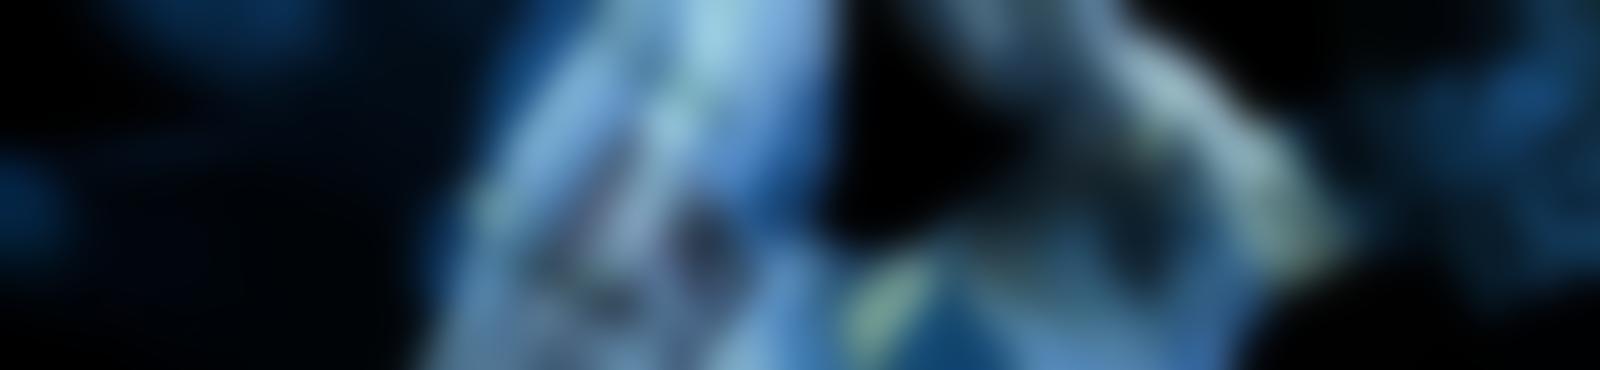 Blurred cd1e2935 a943 435f 89e3 63c2f24b206e